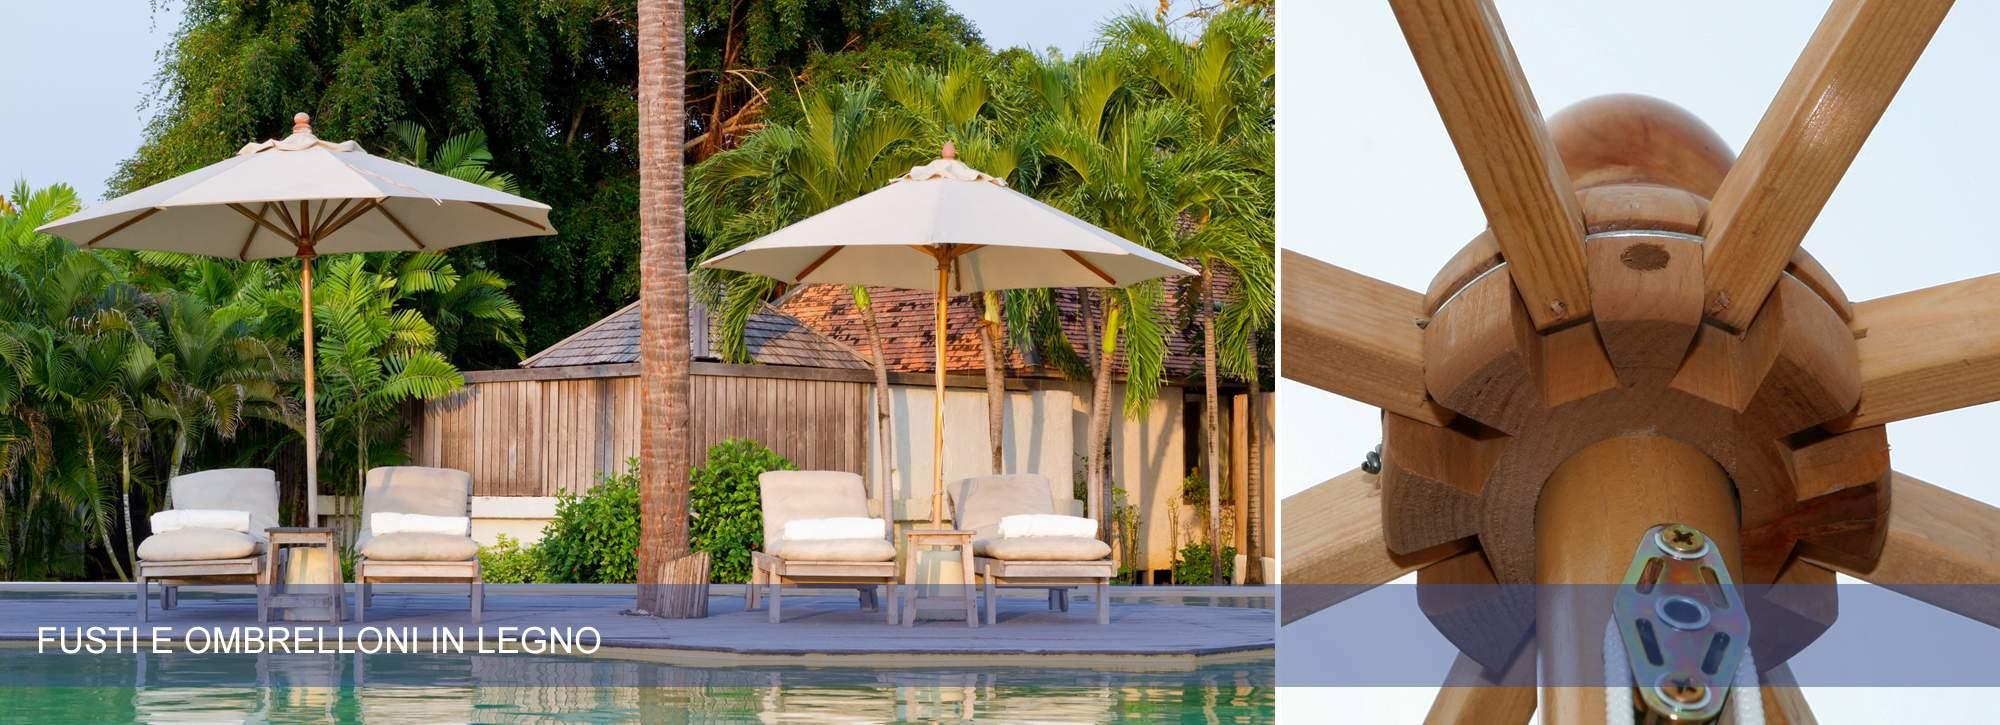 Ombrelloni e mobili da giardino in legno pave snc for Mobili da giardino in legno